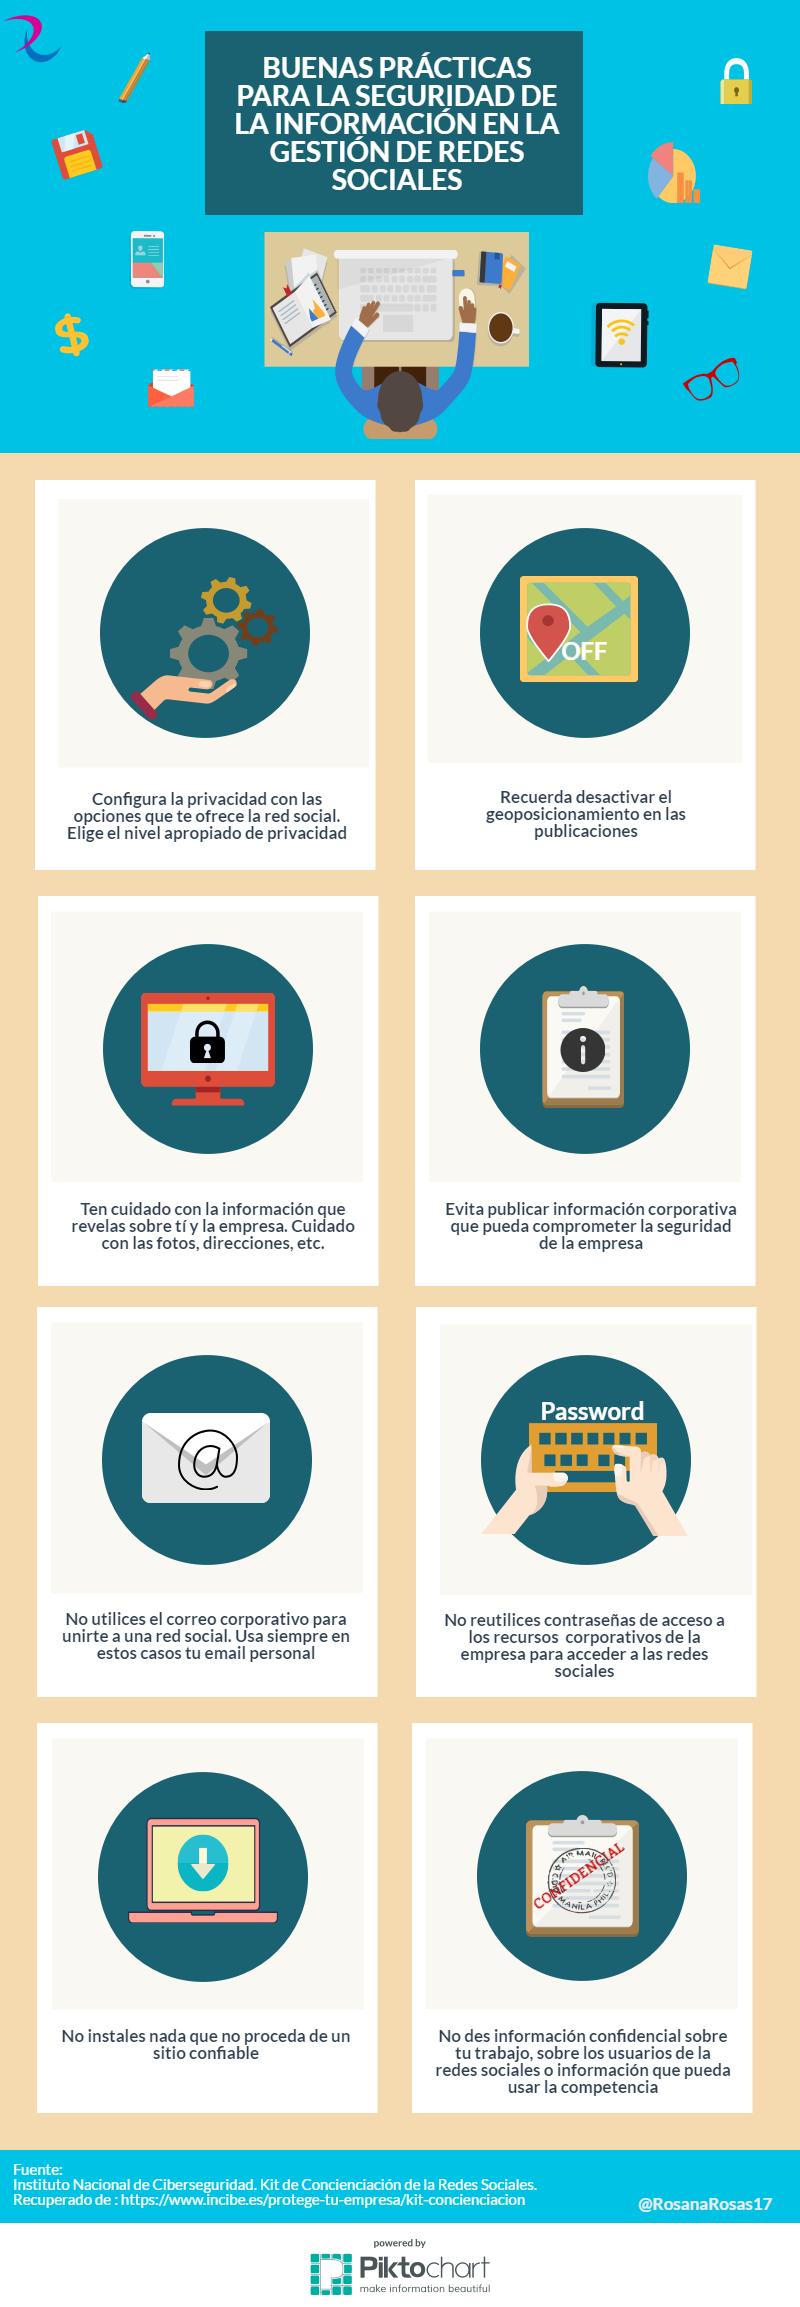 Buenas Prácticas para la Seguridad de la Información en la Gestión de Redes Sociales